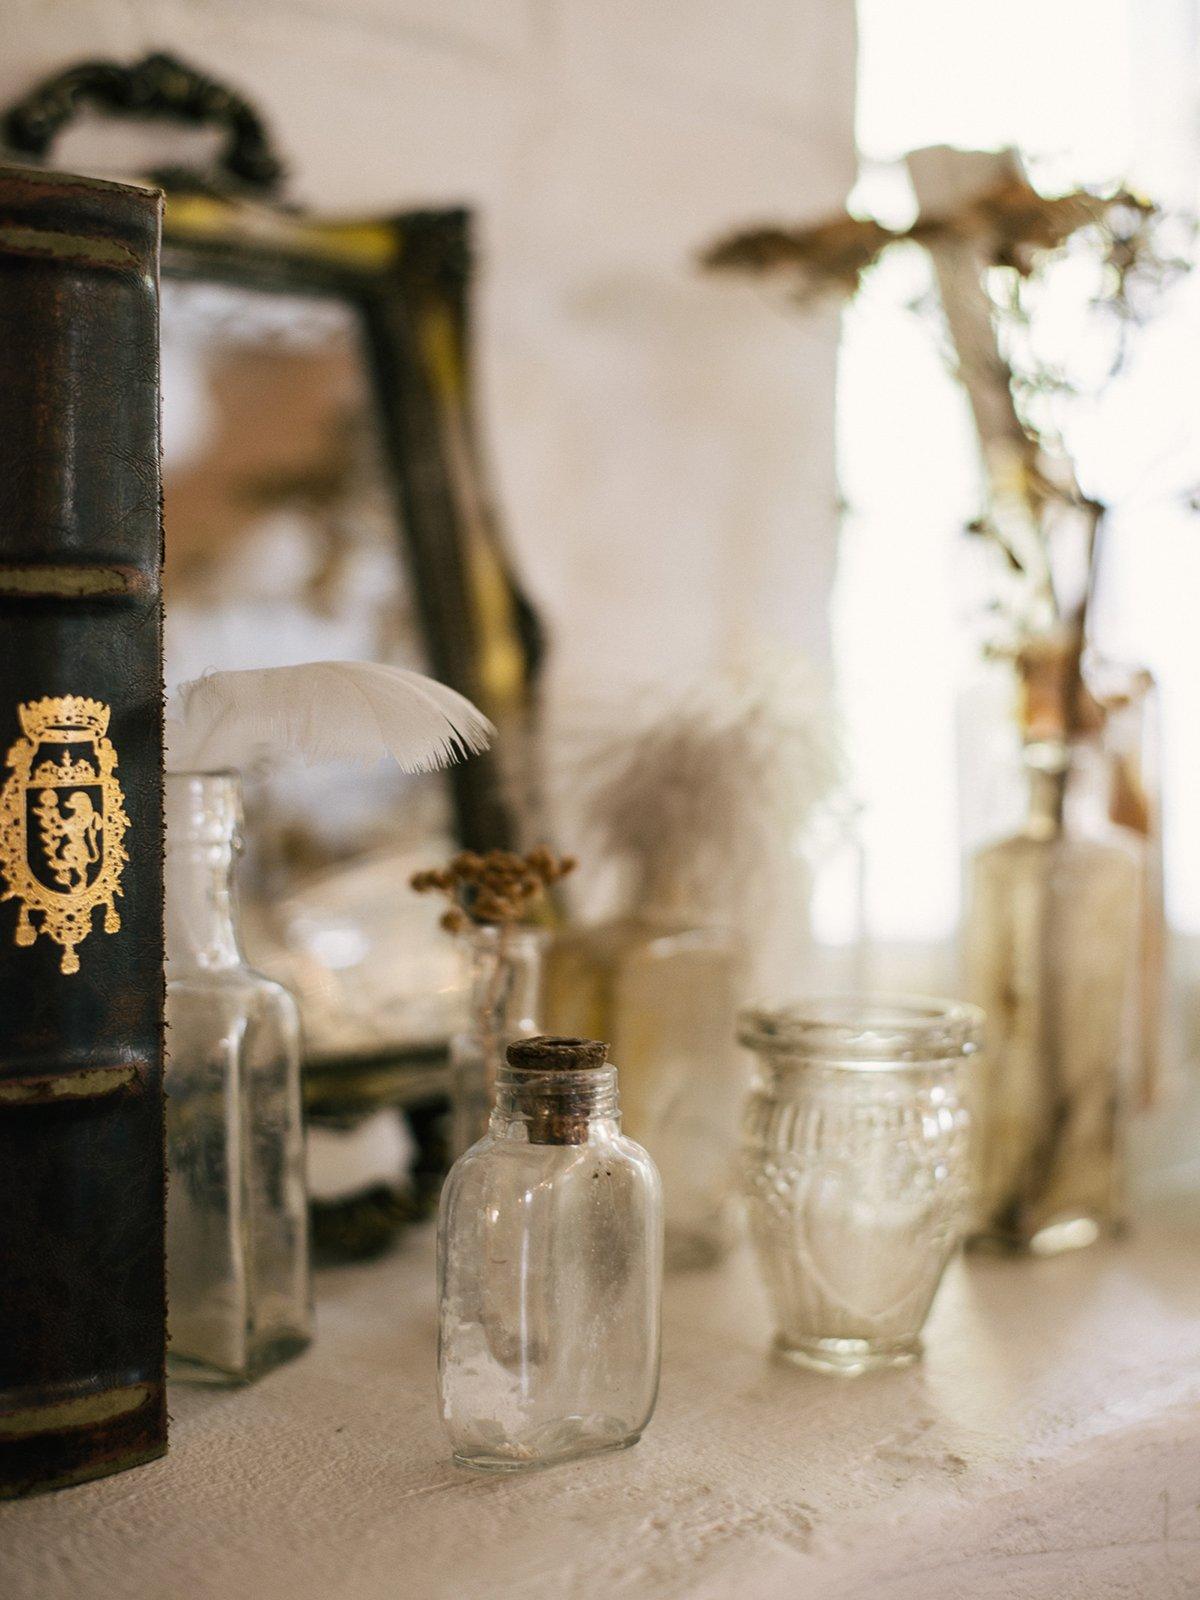 Victorian Medicine Bottles photo 1